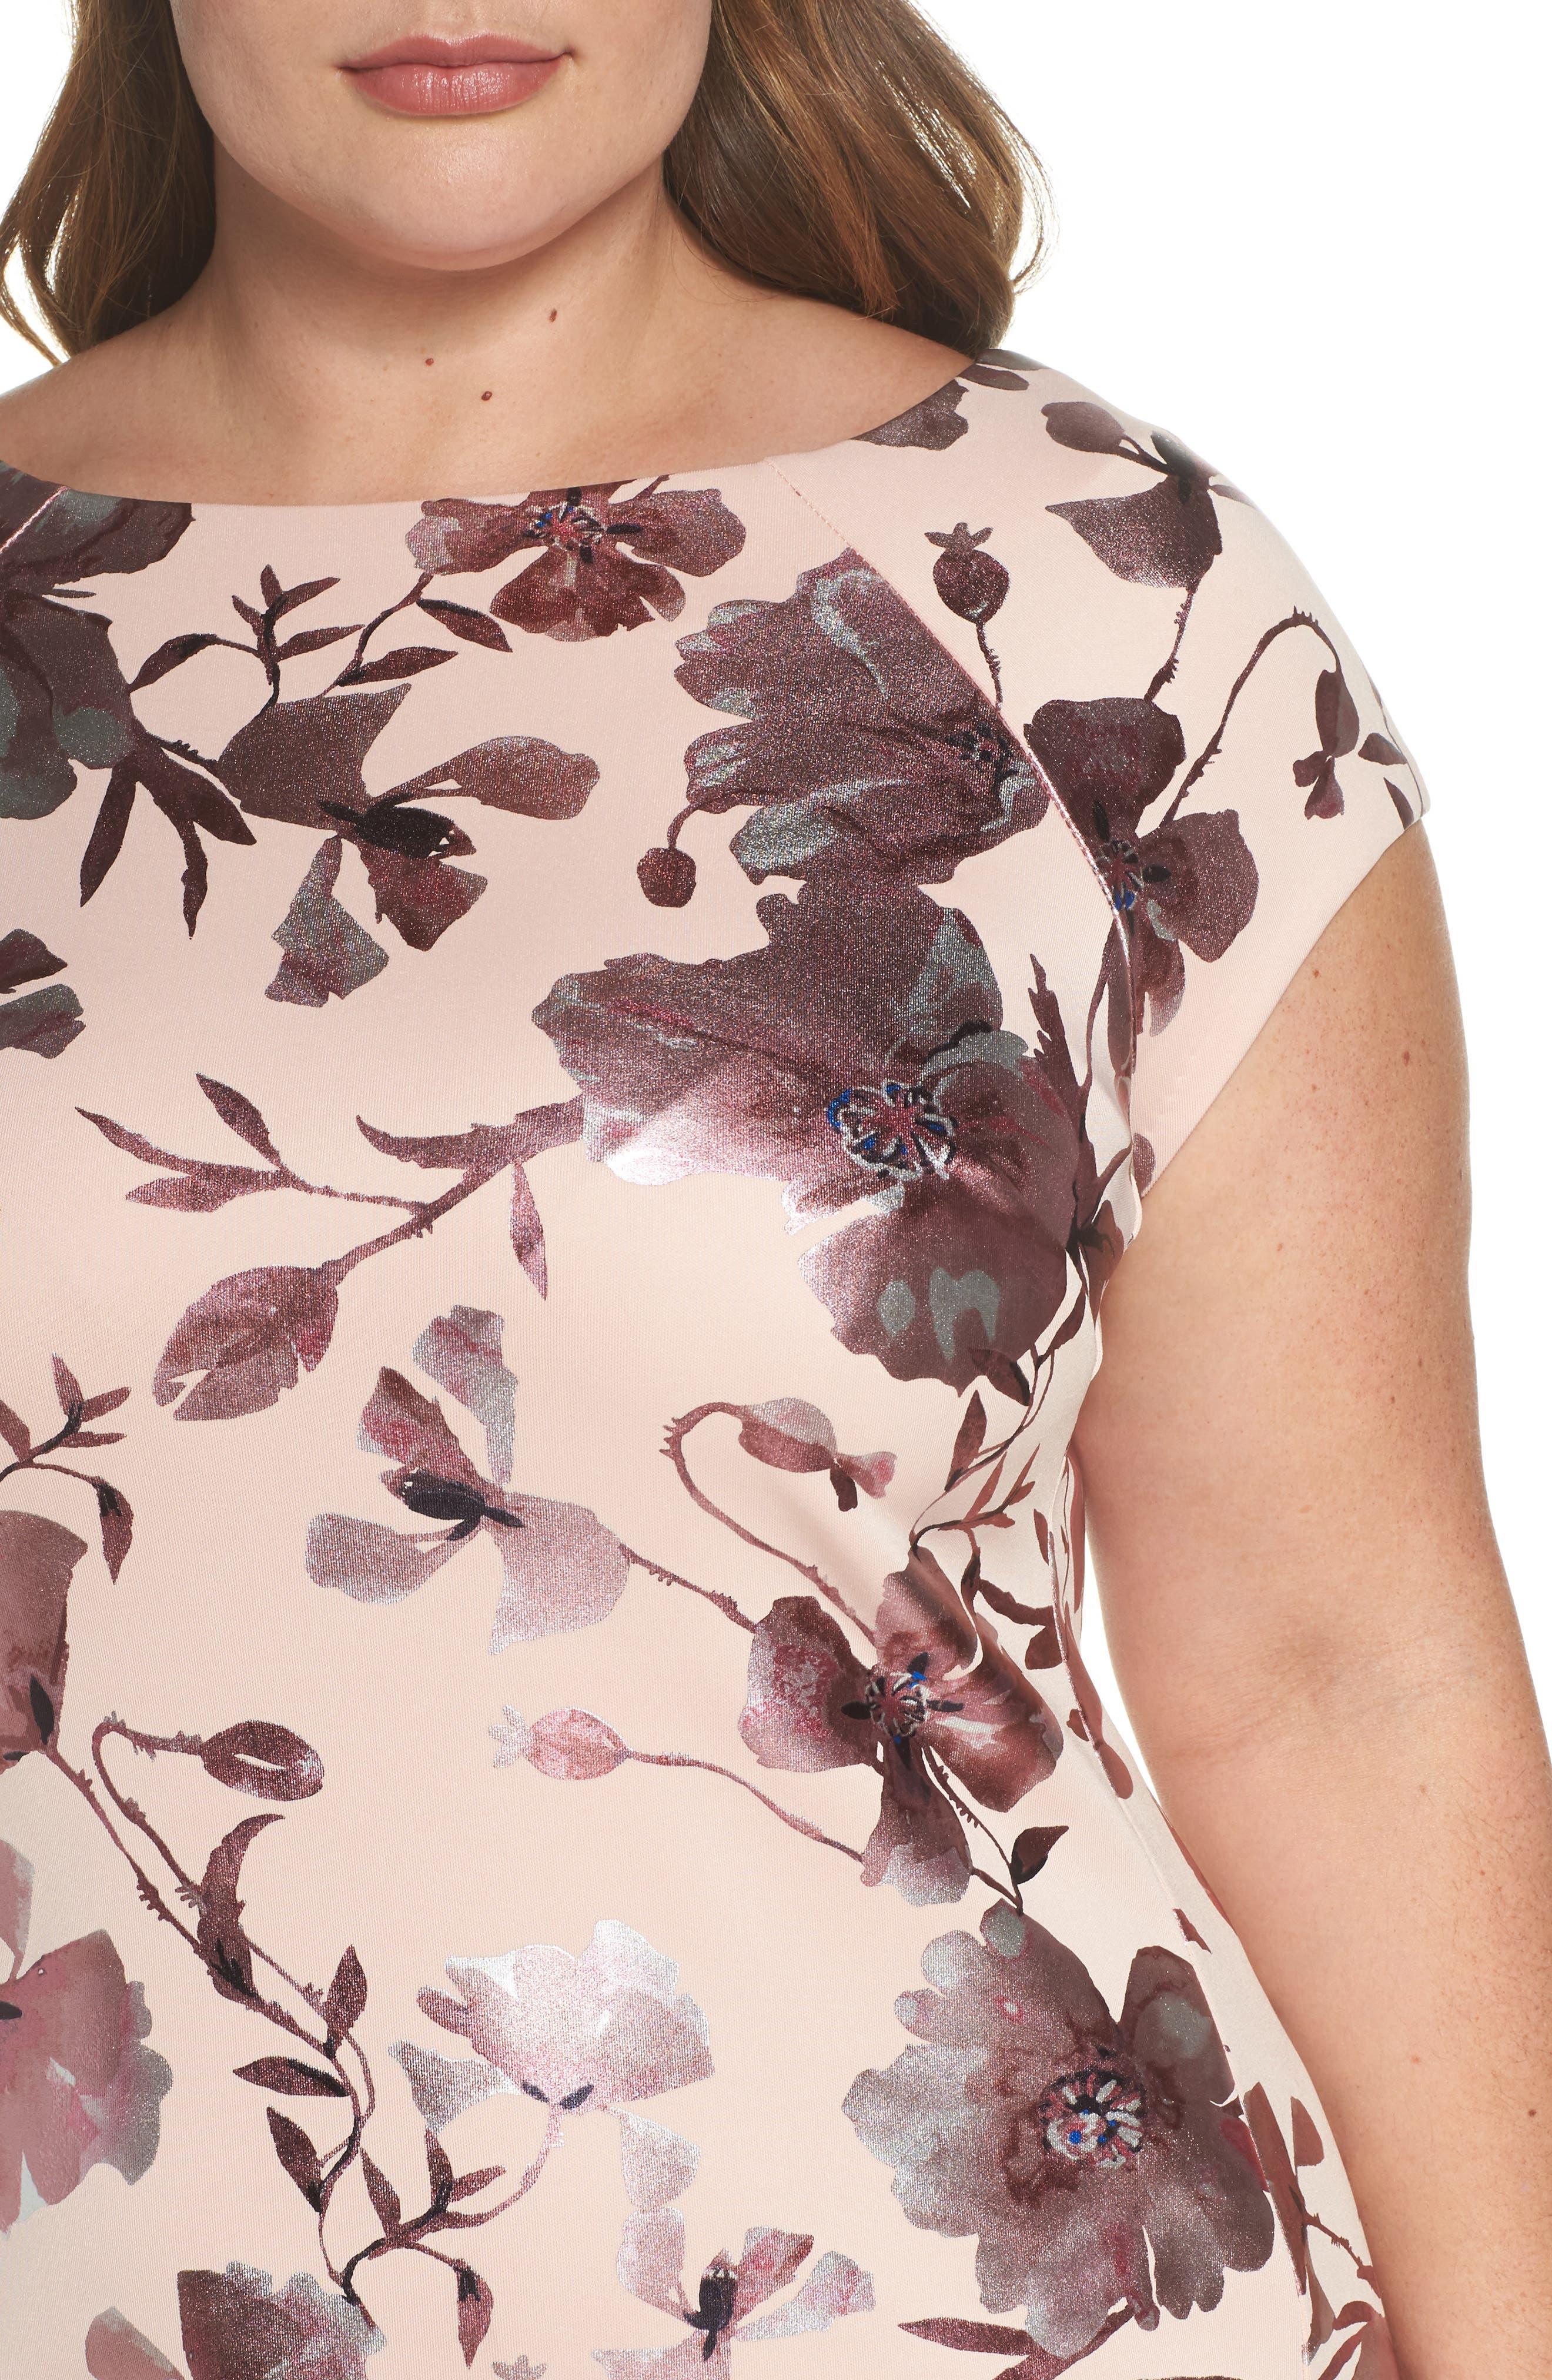 Foil Print Sheath Dress,                             Alternate thumbnail 4, color,                             650